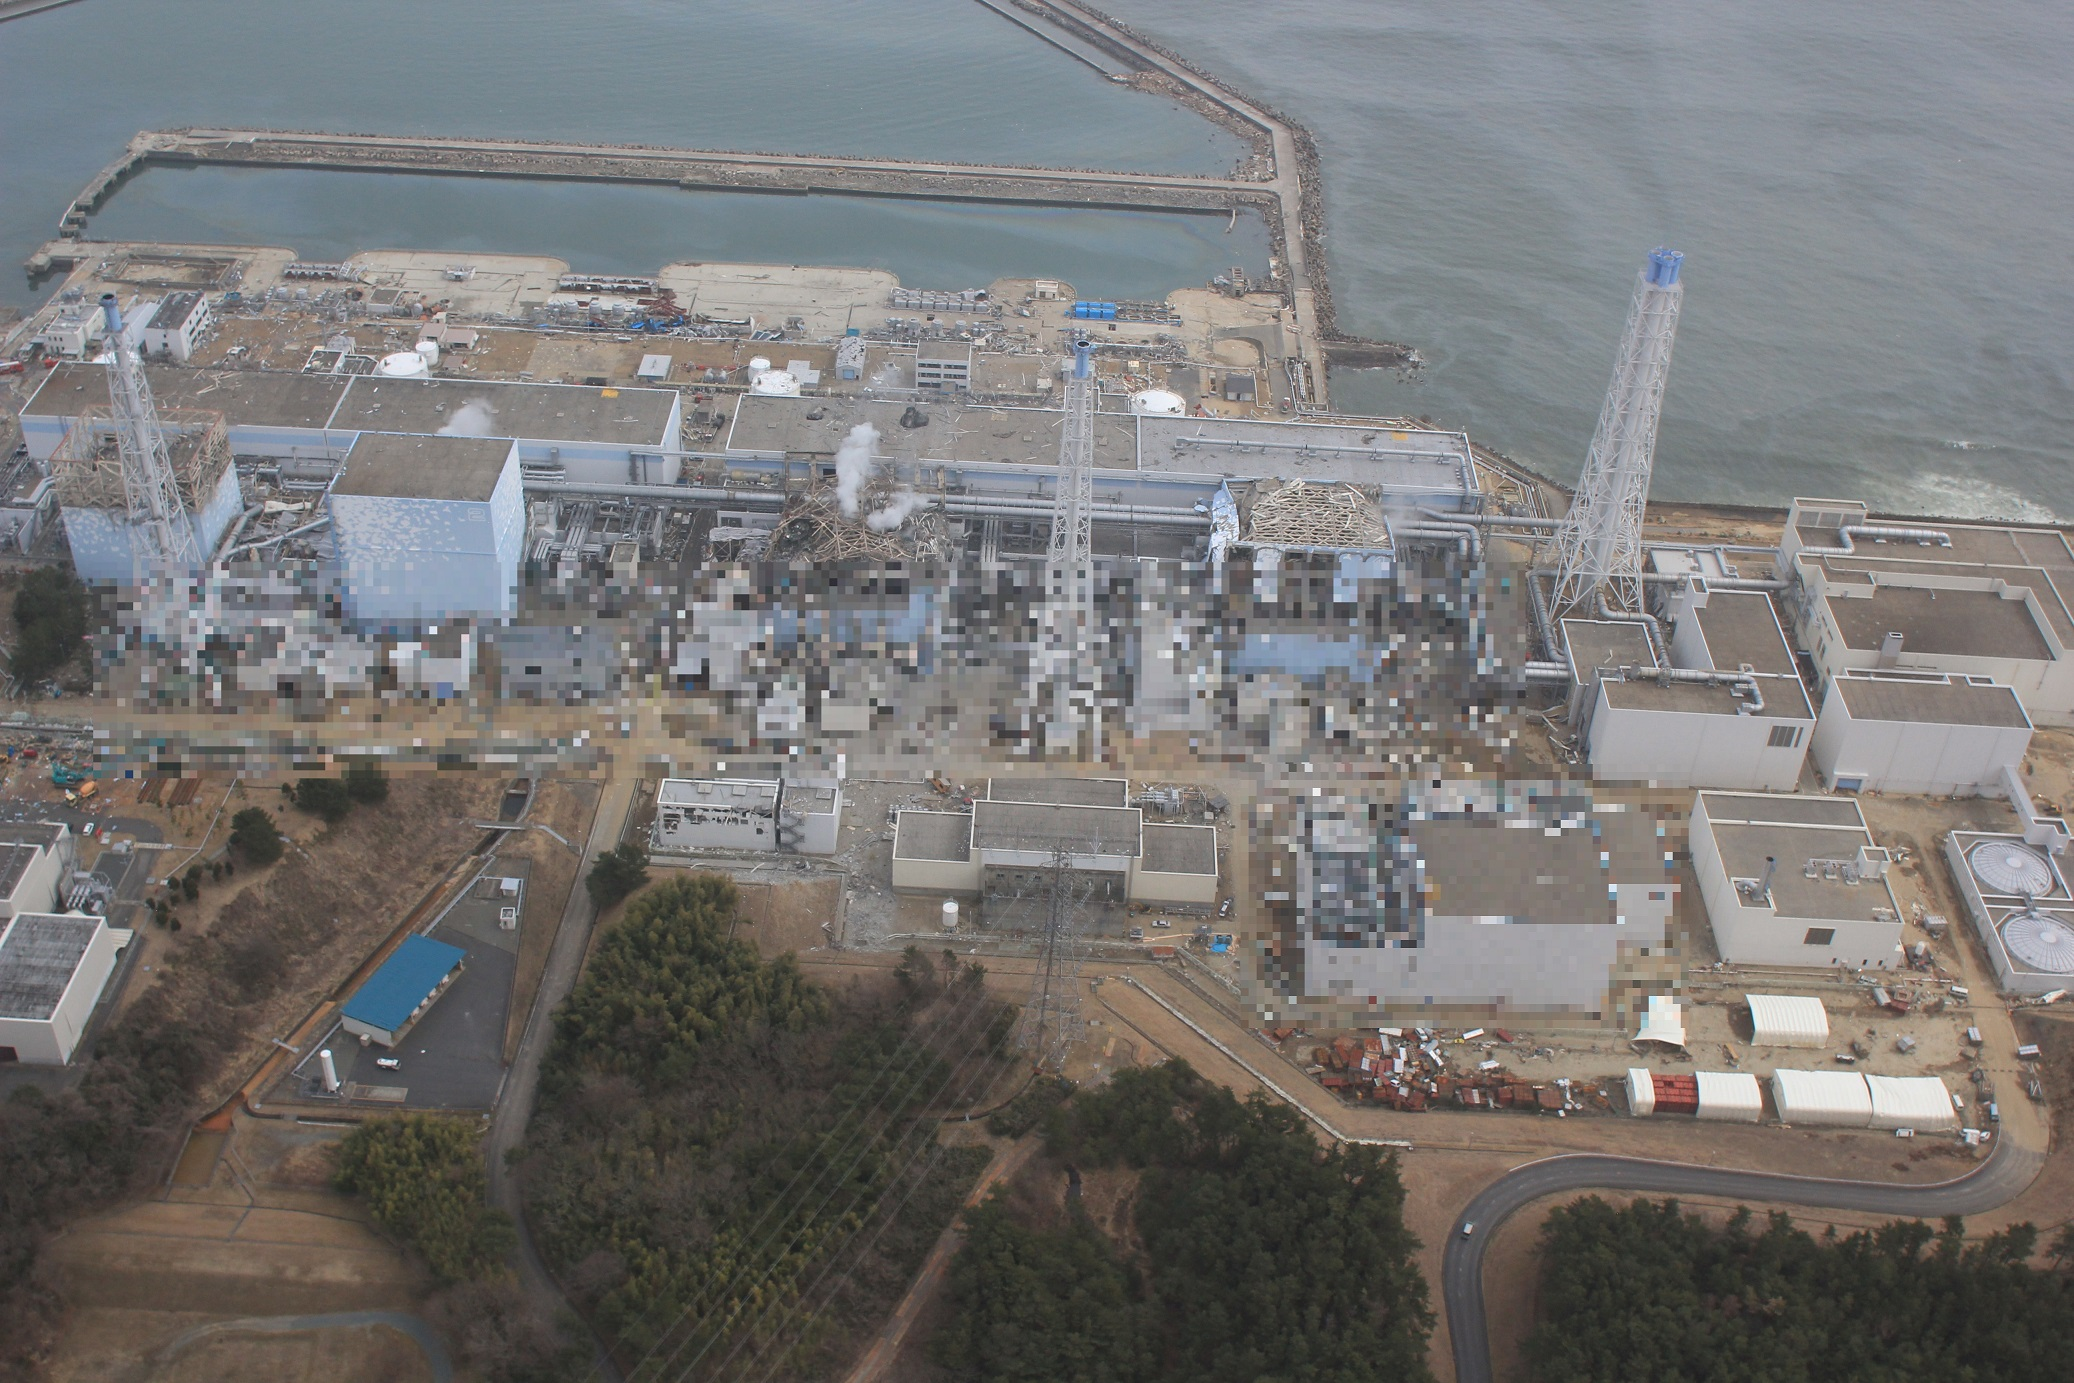 写真・図版 : 共用プール建屋(右手前)と1~4号機(奥)。共用プール建屋1階には2、4号機用の非常用ディーゼル発電機が1台ずつ設置されていた=東京電力ホールディングスが2020年12月22日に公表した2011年3月20日撮影の「福島第一原子力発電所事故の状況に係る写真」